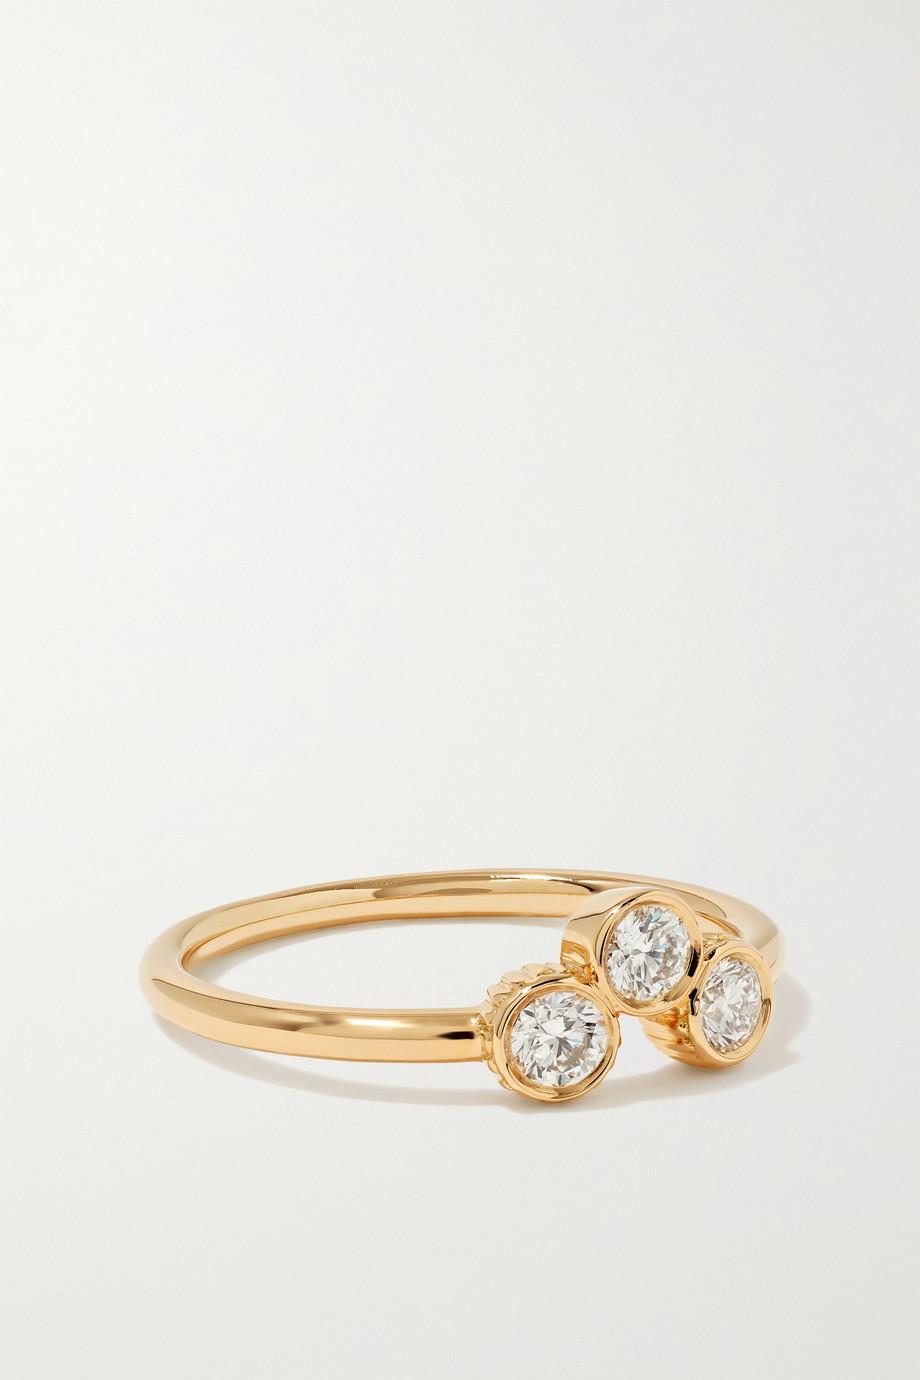 Viltier Bague en or 18 carats et diamants Clique